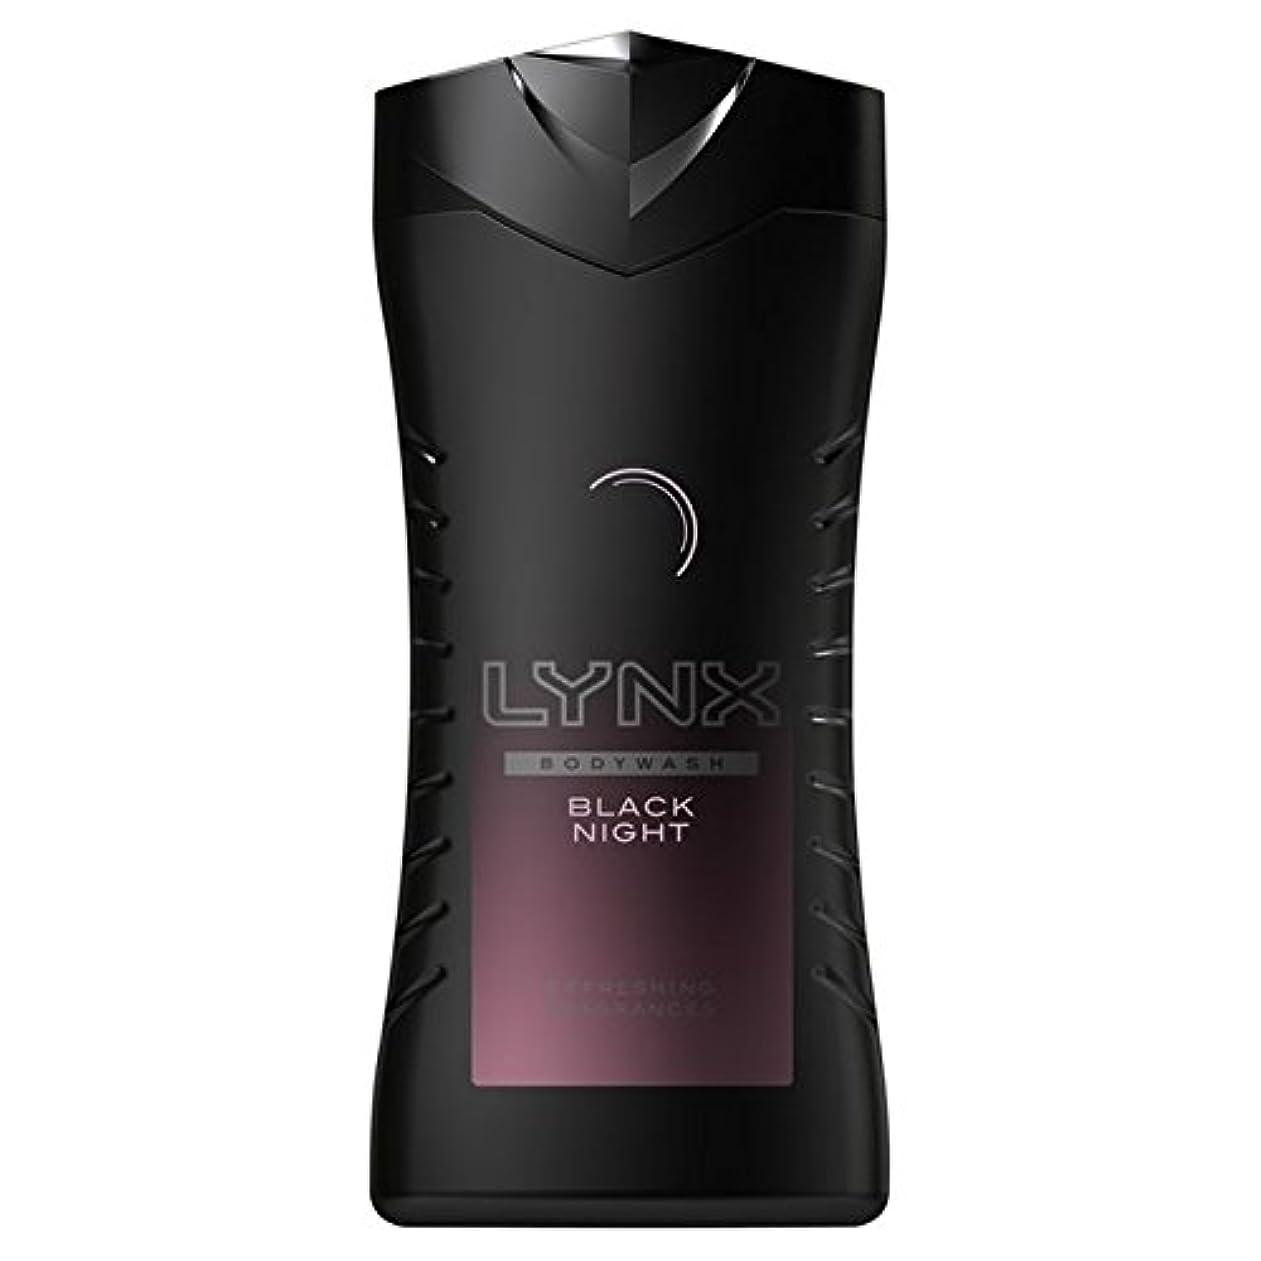 ツール認める反逆者オオヤマネコ黒夜シャワージェル250ミリリットル x4 - Lynx Black Night Shower Gel 250ml (Pack of 4) [並行輸入品]